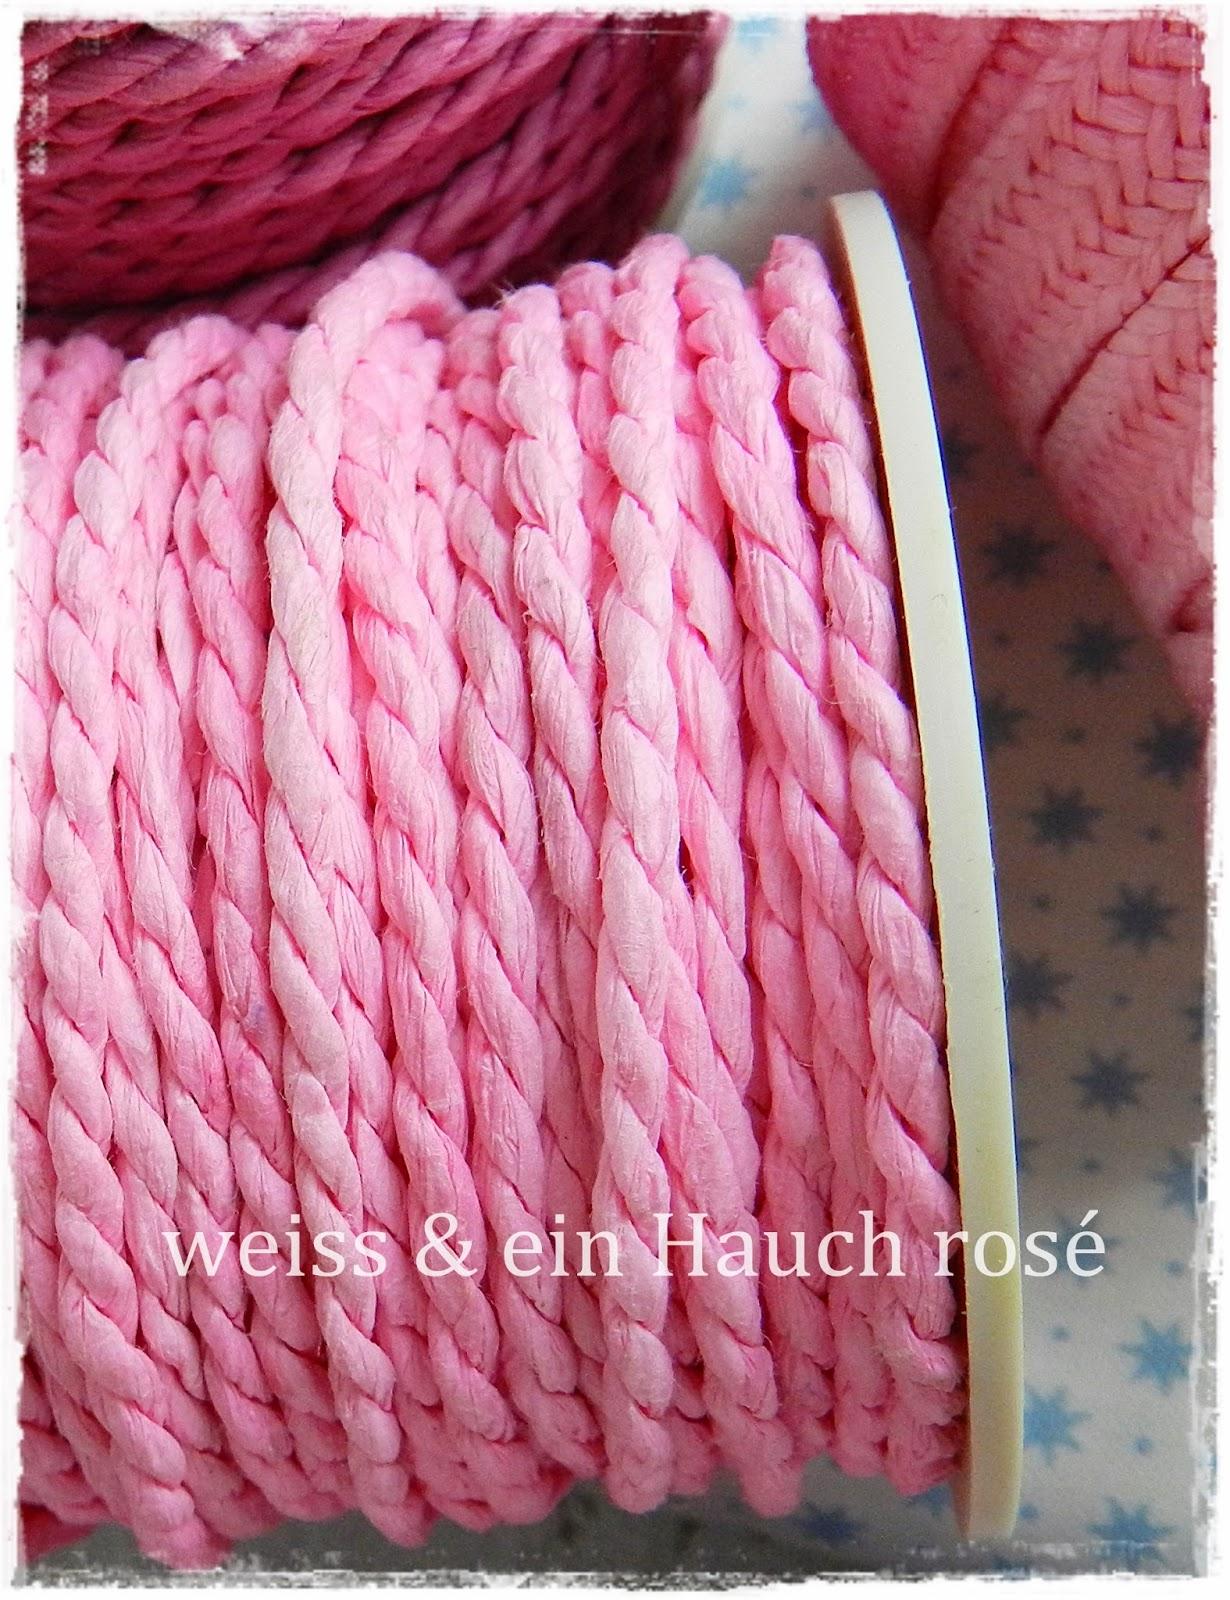 weiß & ein Hauch rosé: März 2014